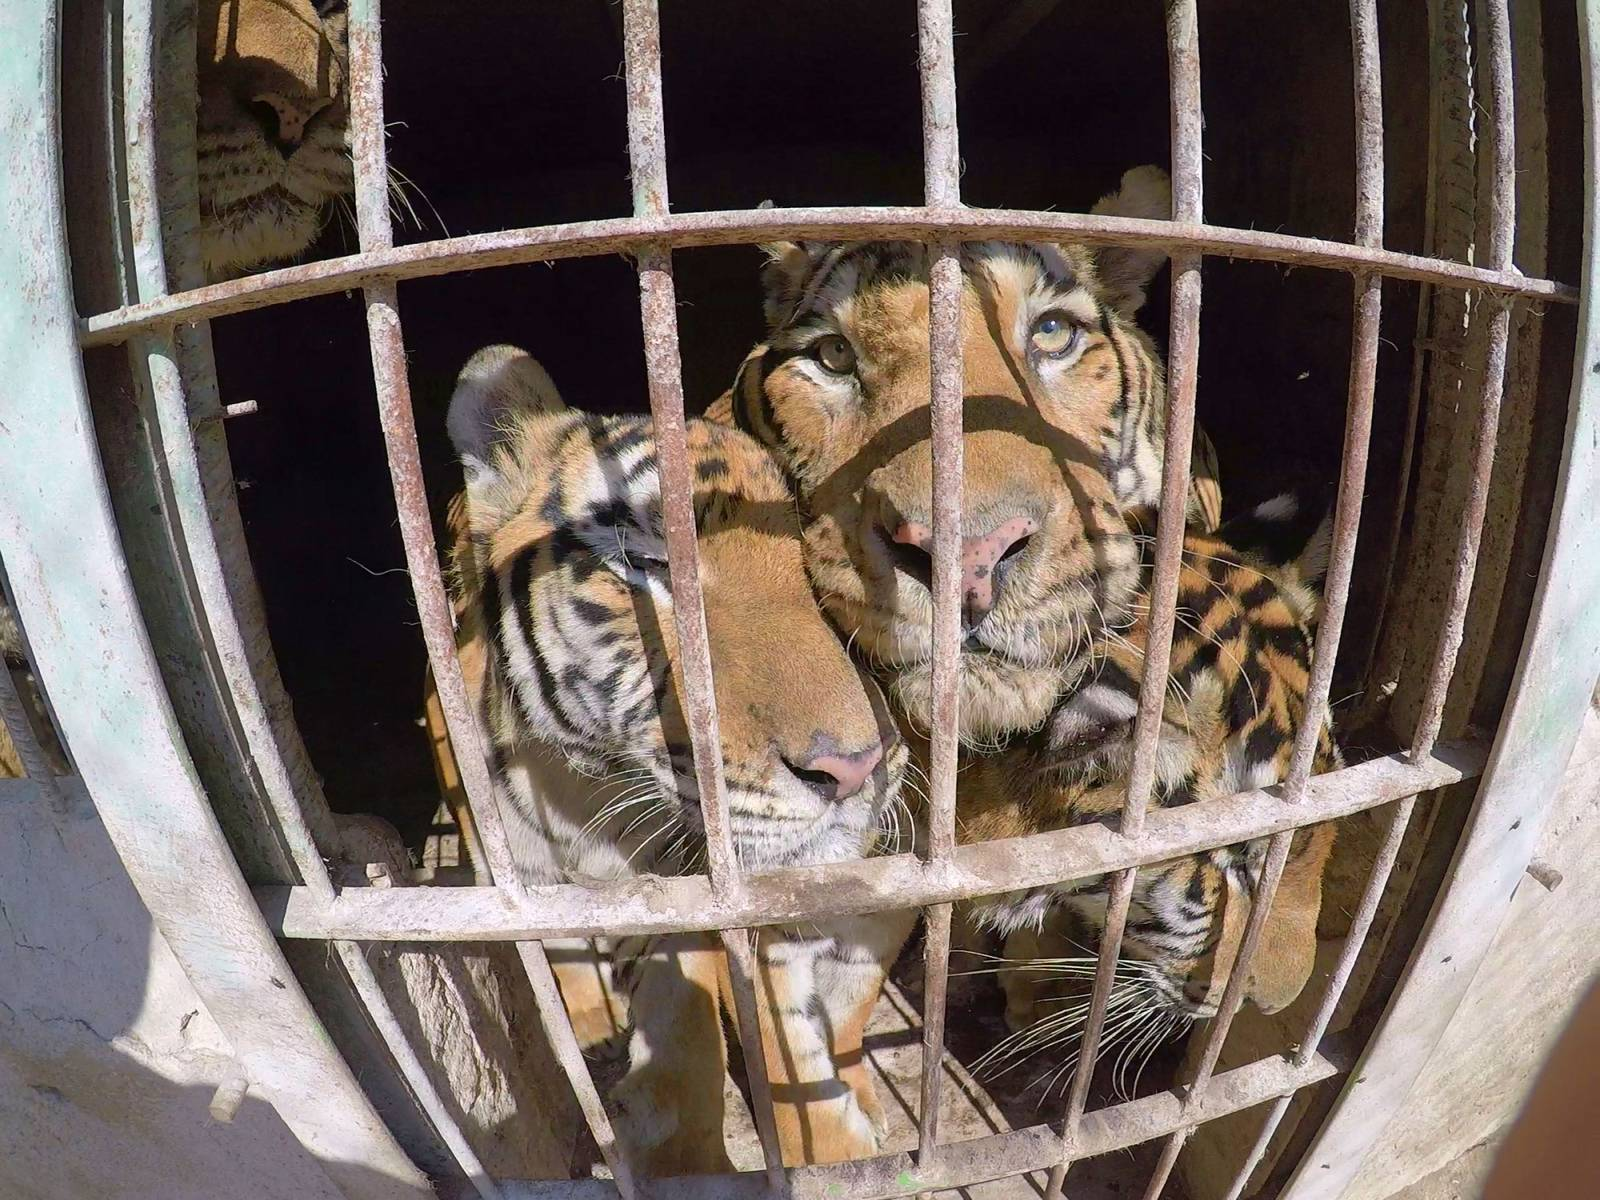 tiger circus rescue